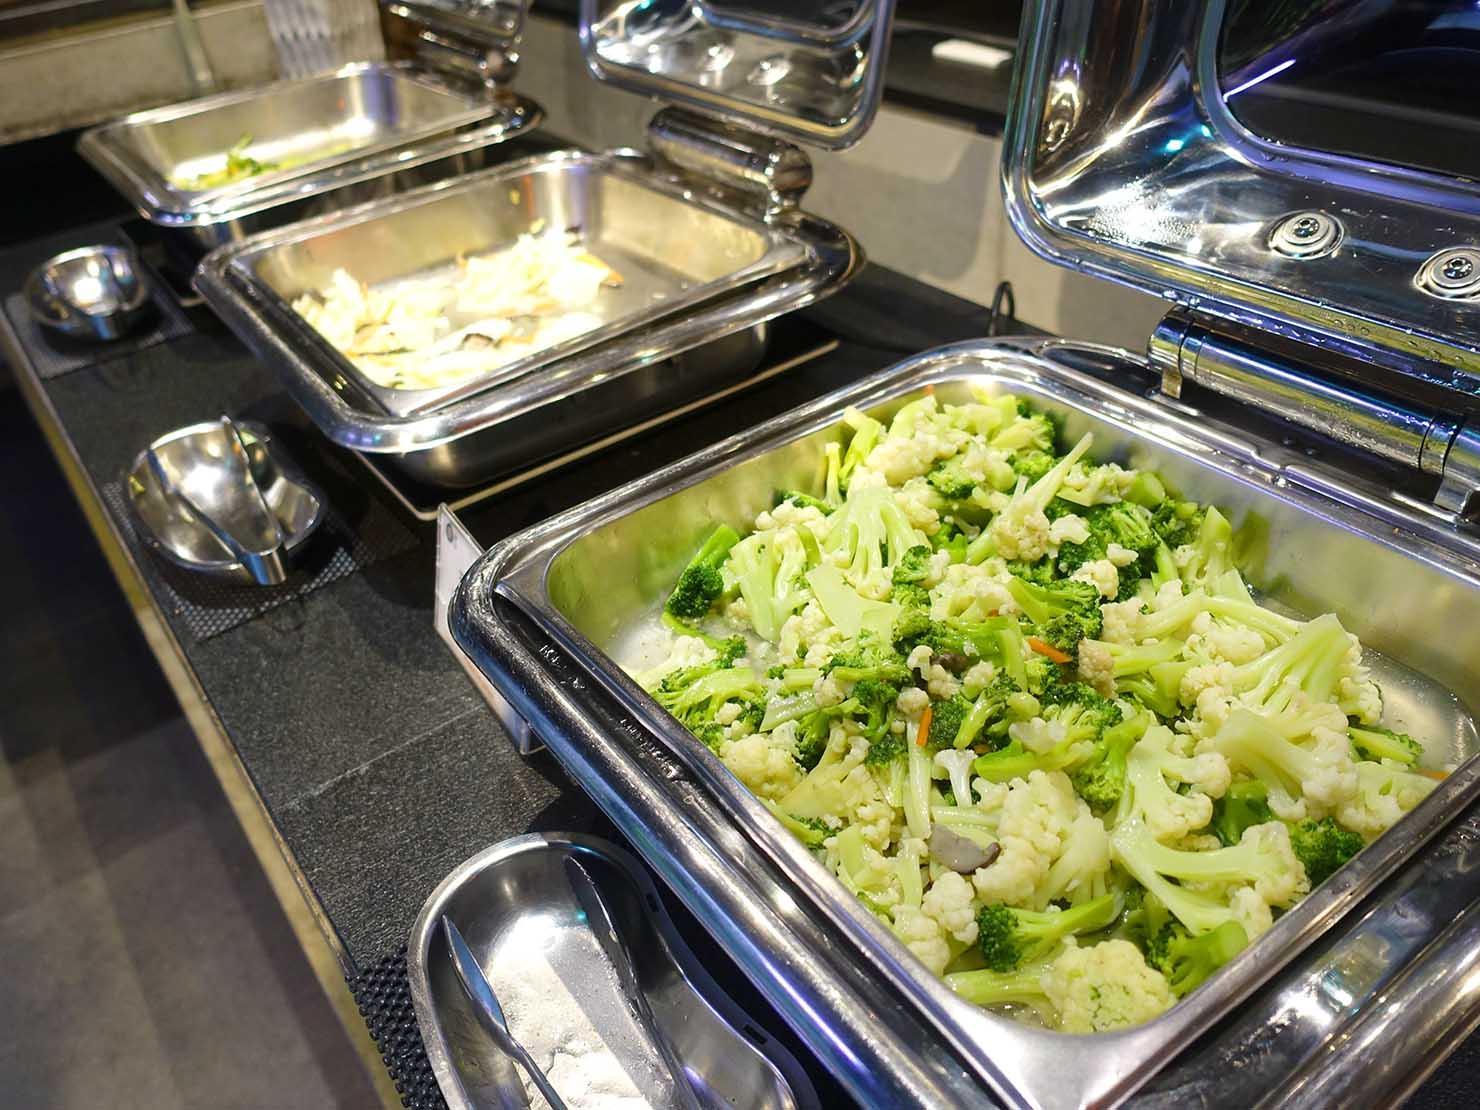 嘉義のおすすめホテル「嘉義觀止」B1F觀止餐廳でいただく朝食ビュッフェの温野菜